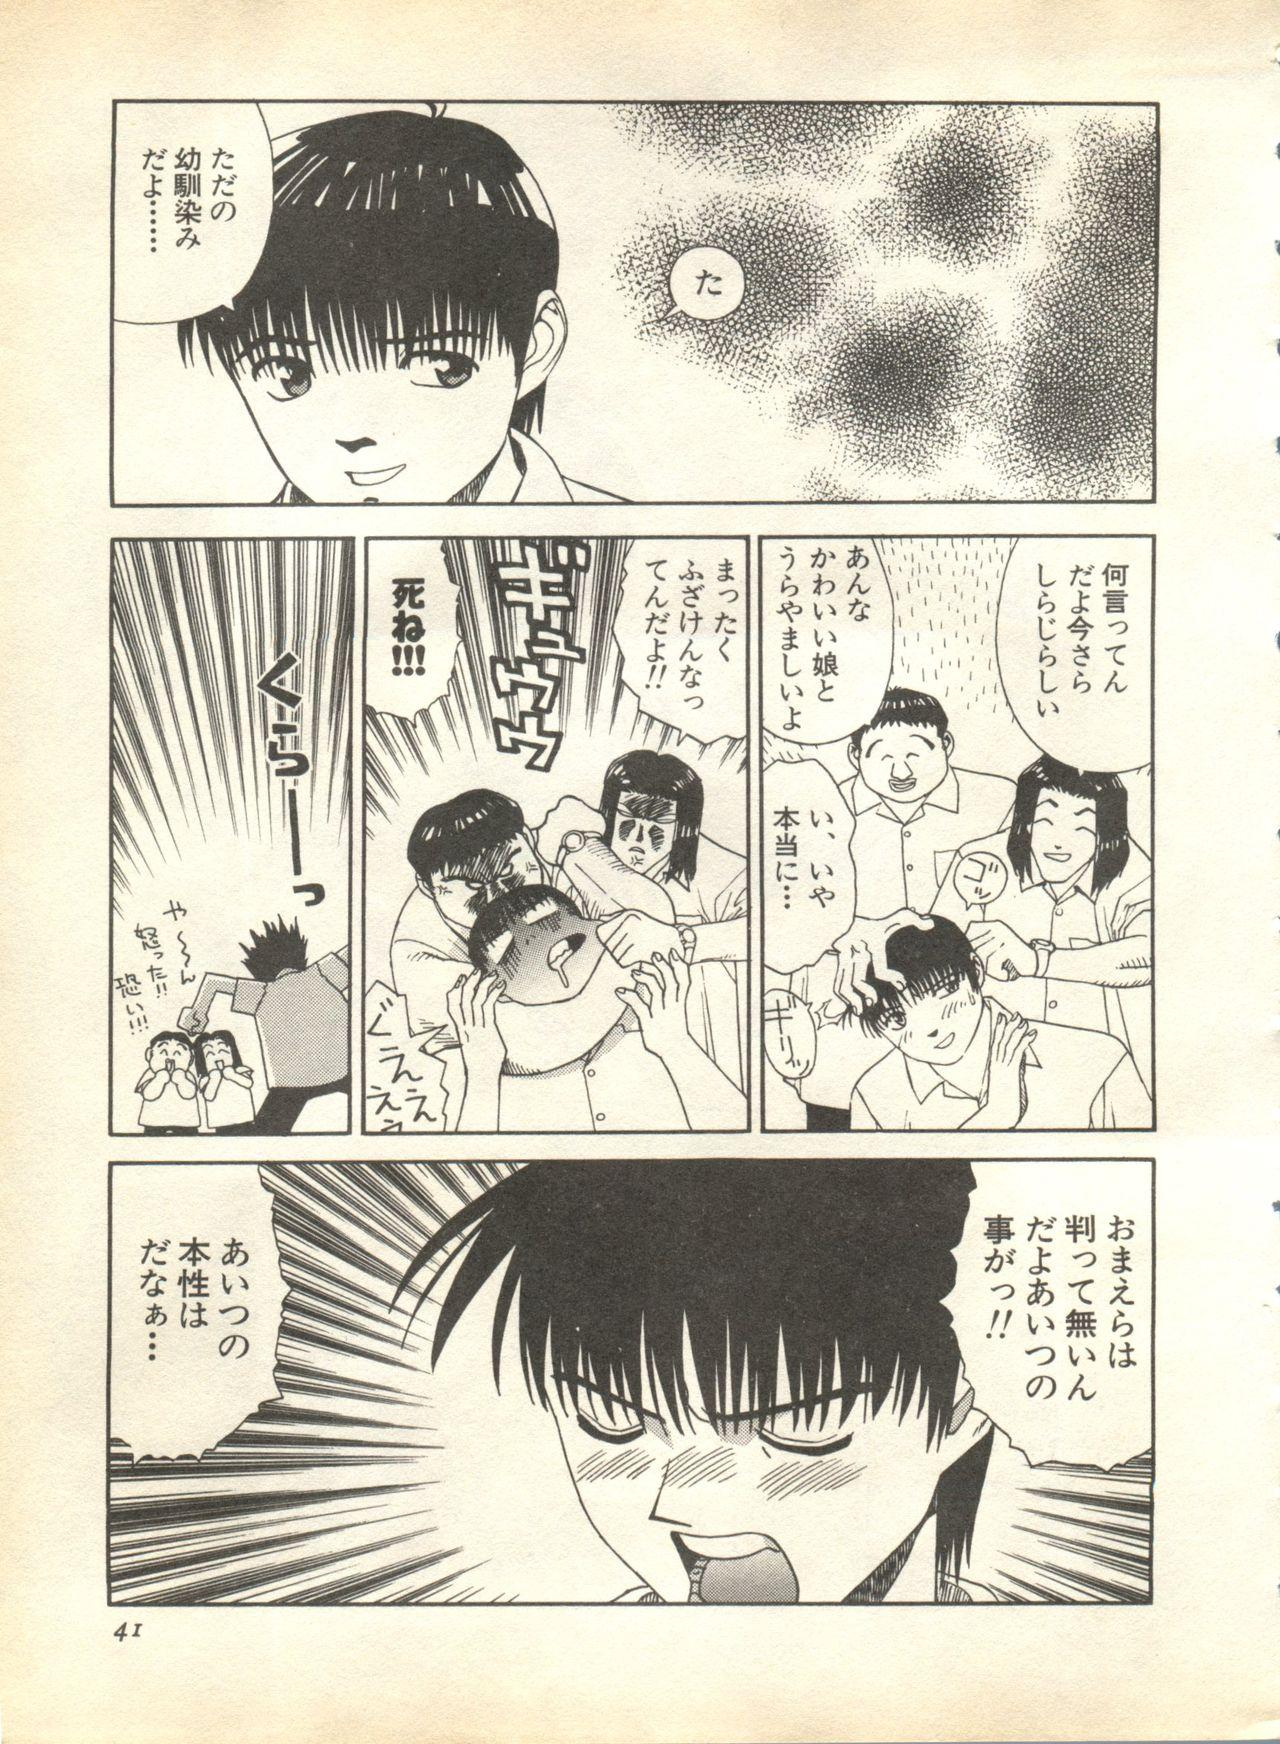 Pai;kuu 1998 October Vol. 13 40